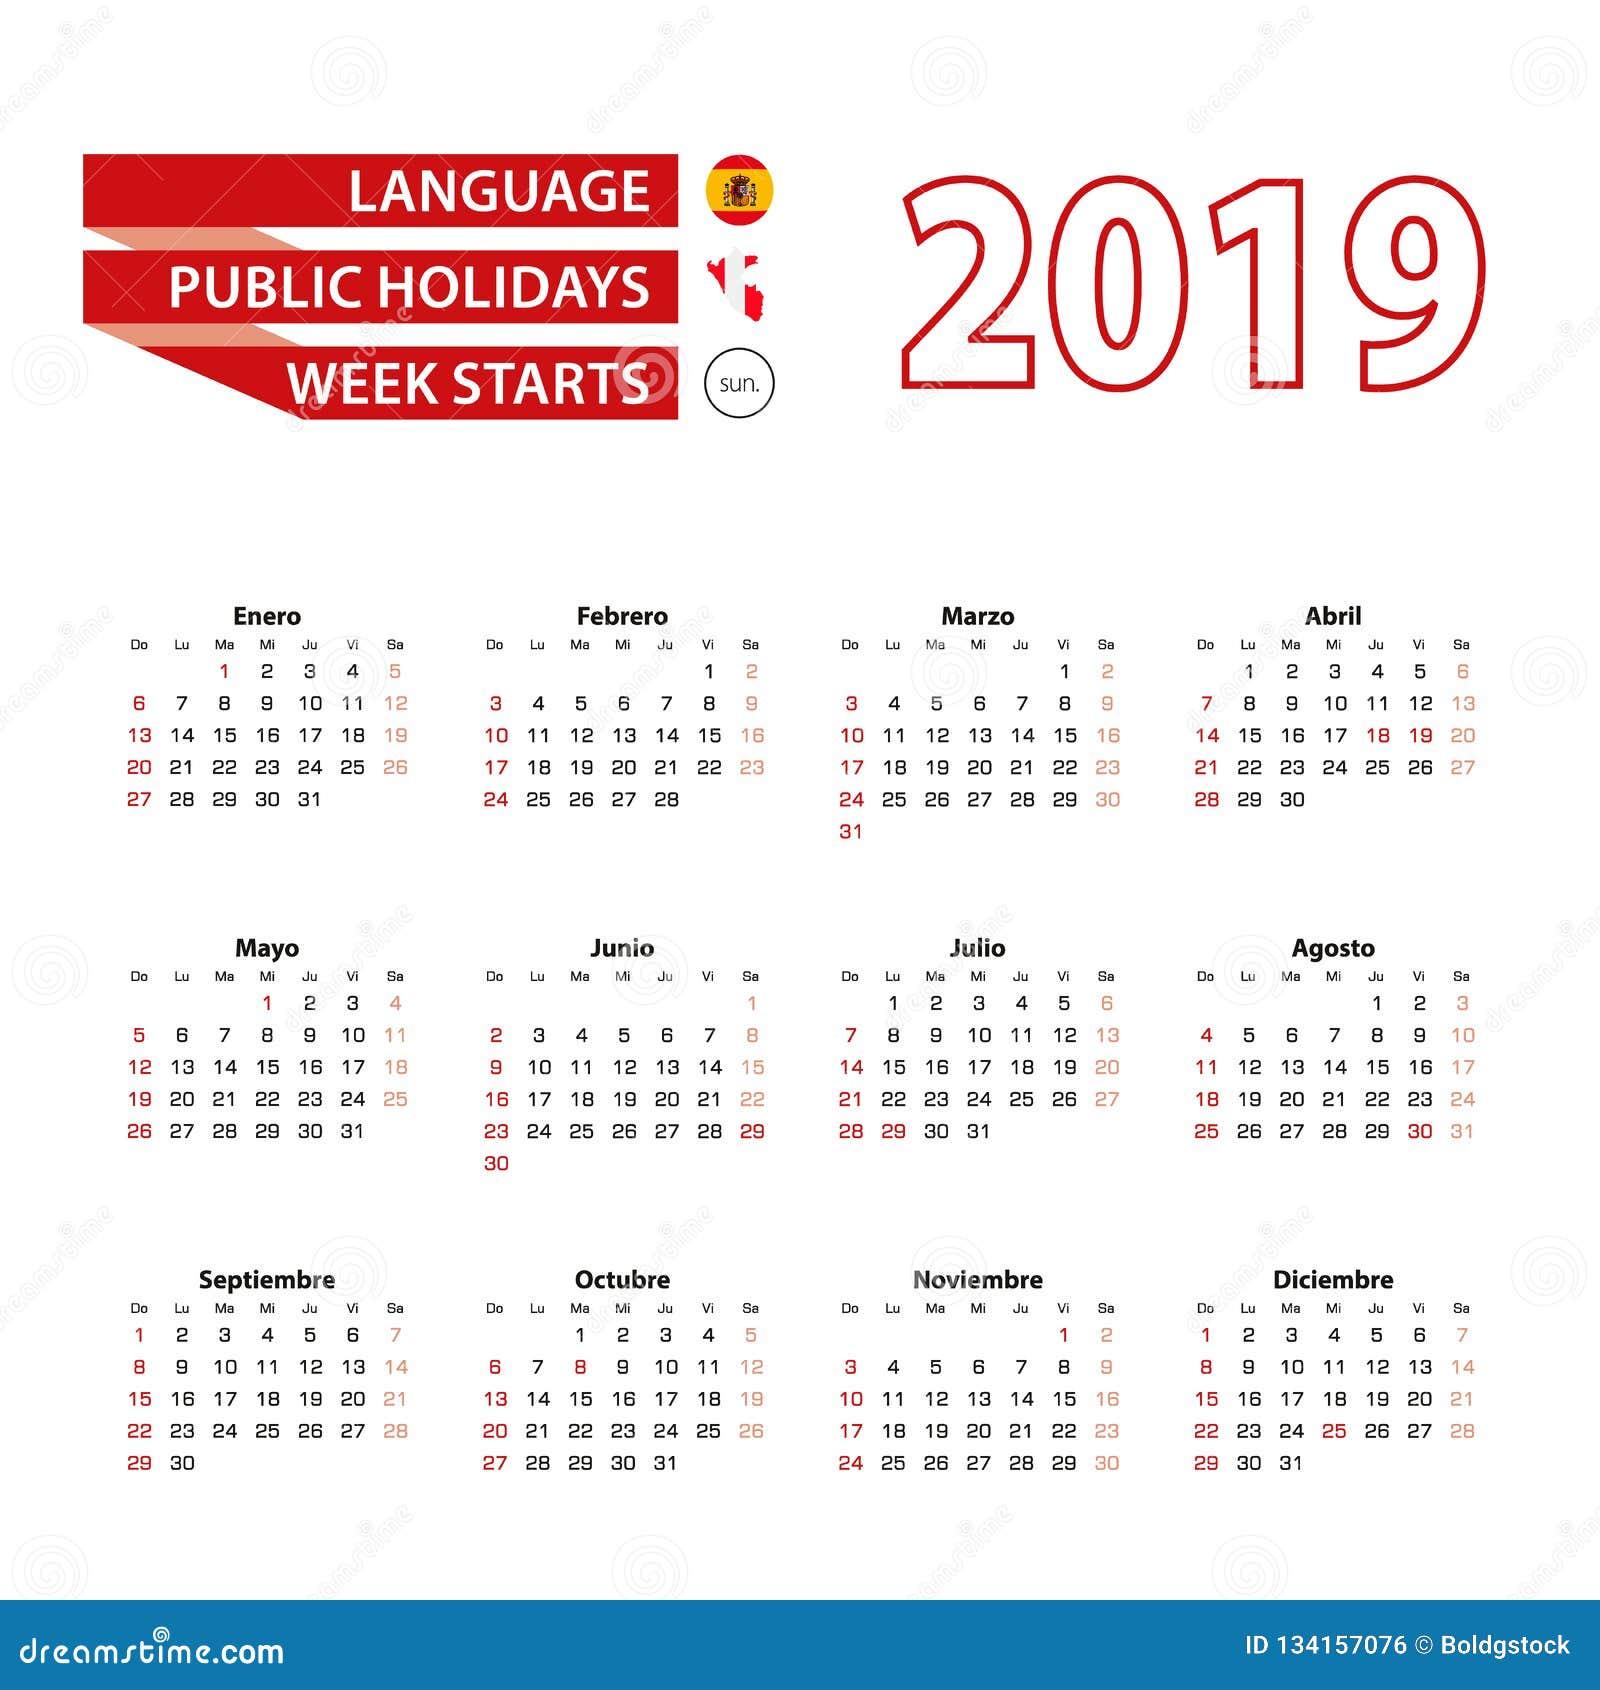 Calendario 2019 Agosto A Diciembre.Calendario 2019 En Lengua Espanola Con Dias Festivos El Pais